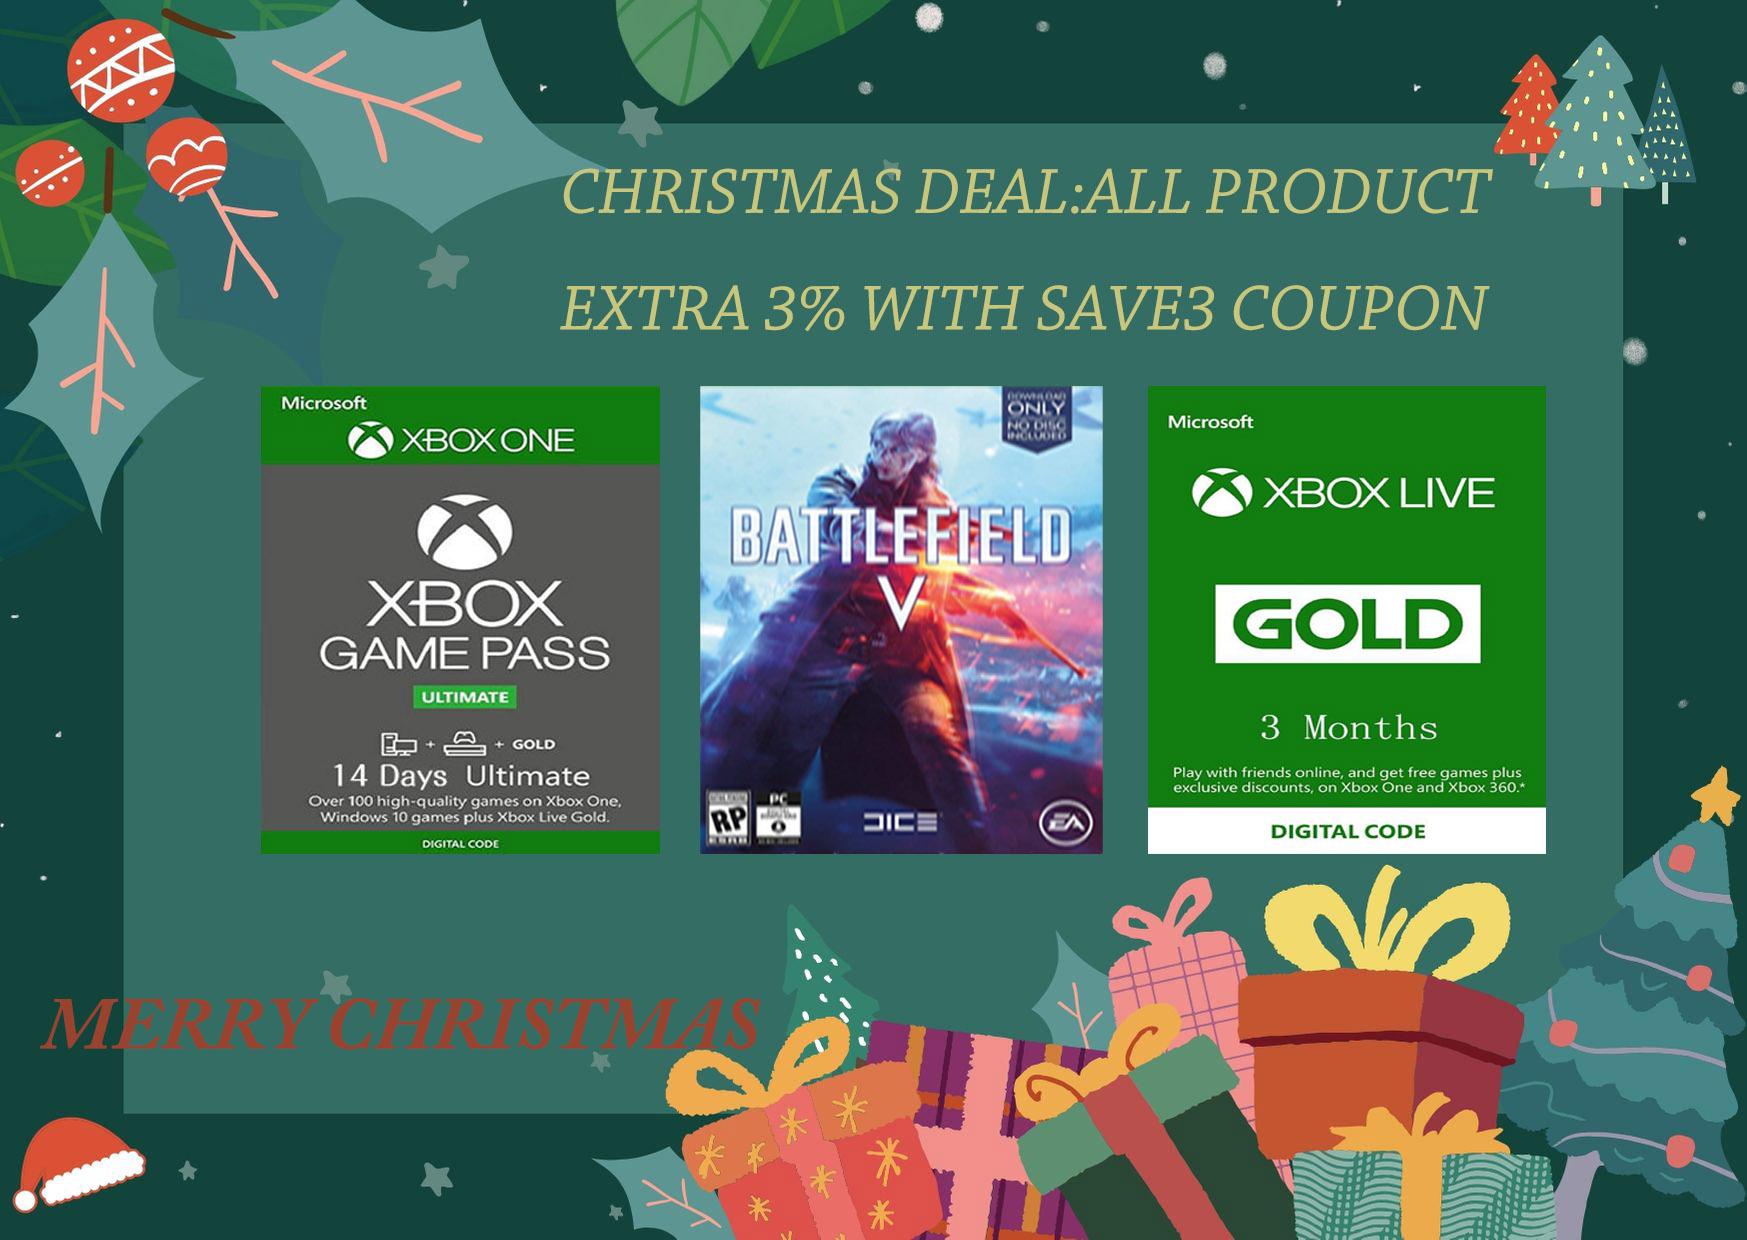 Skvělé hry a XBOX Live za nízké ceny! [sponzorovaný článek]